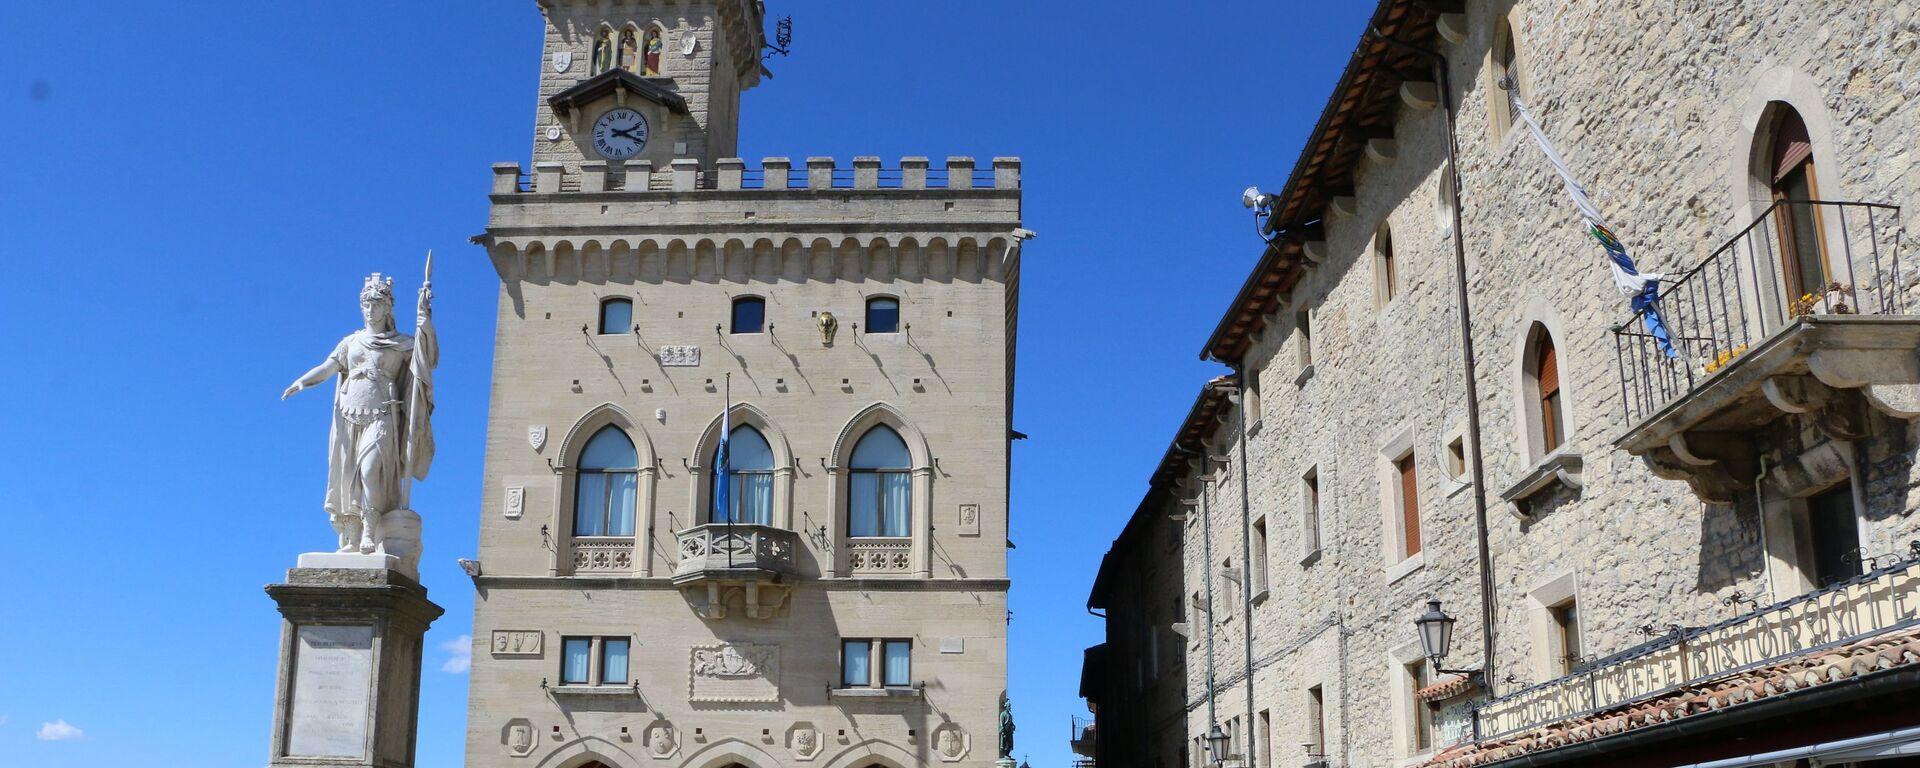 Palazzo pubblico di San Marino - Sputnik Italia, 1920, 03.10.2021